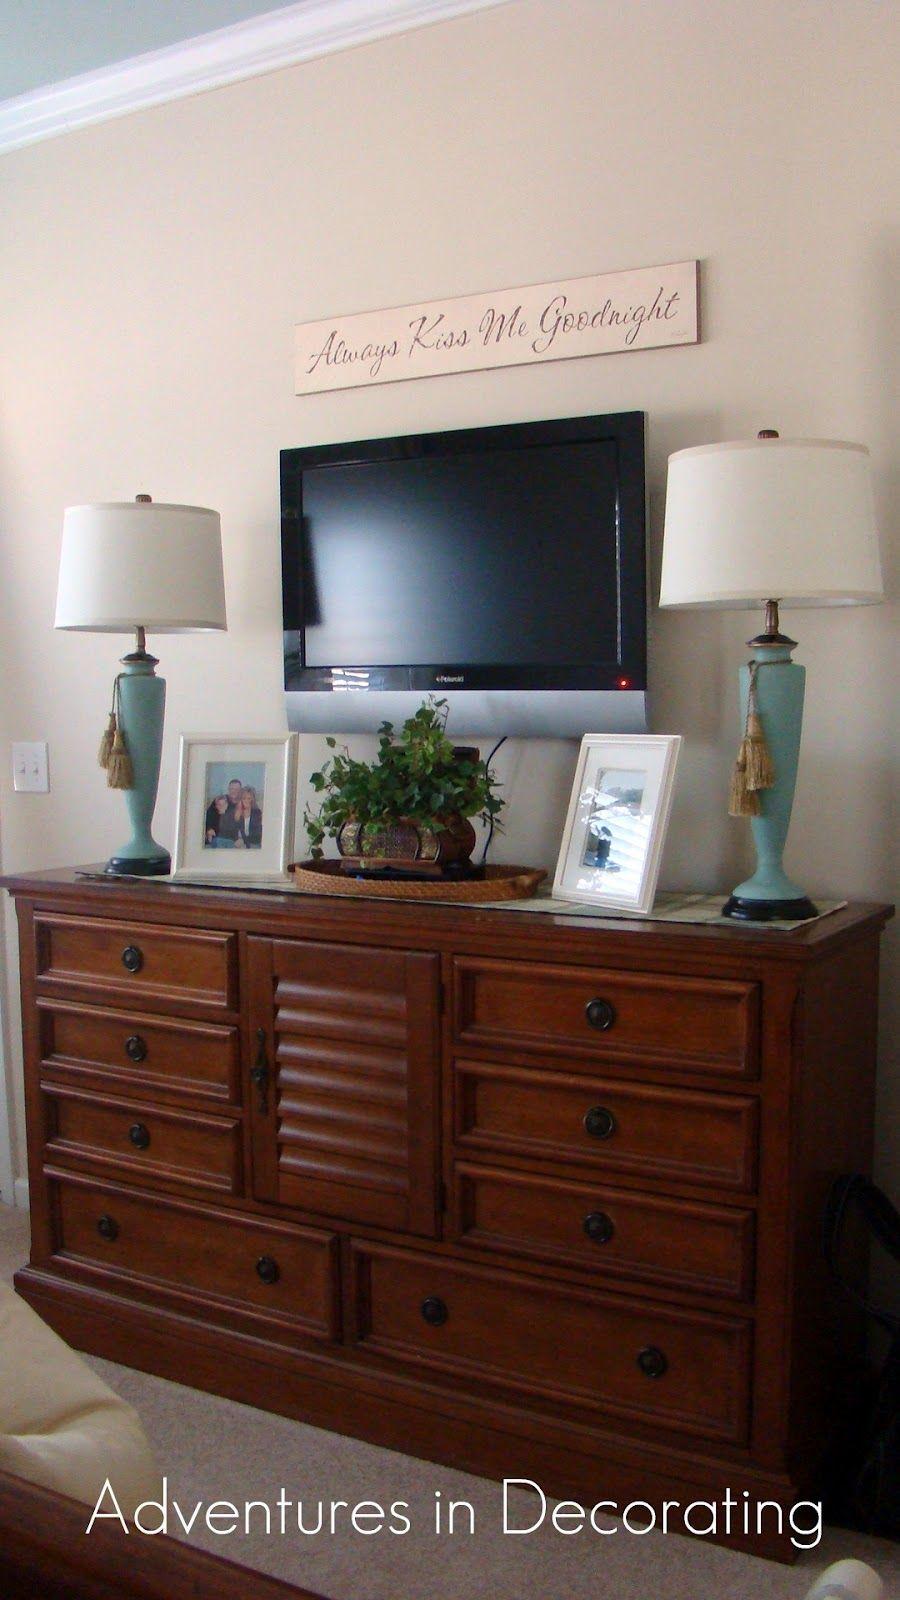 Mirror In The Bedroom Tv Above Dresser In Bedroom Great Idea Gotta Get Rid Of The